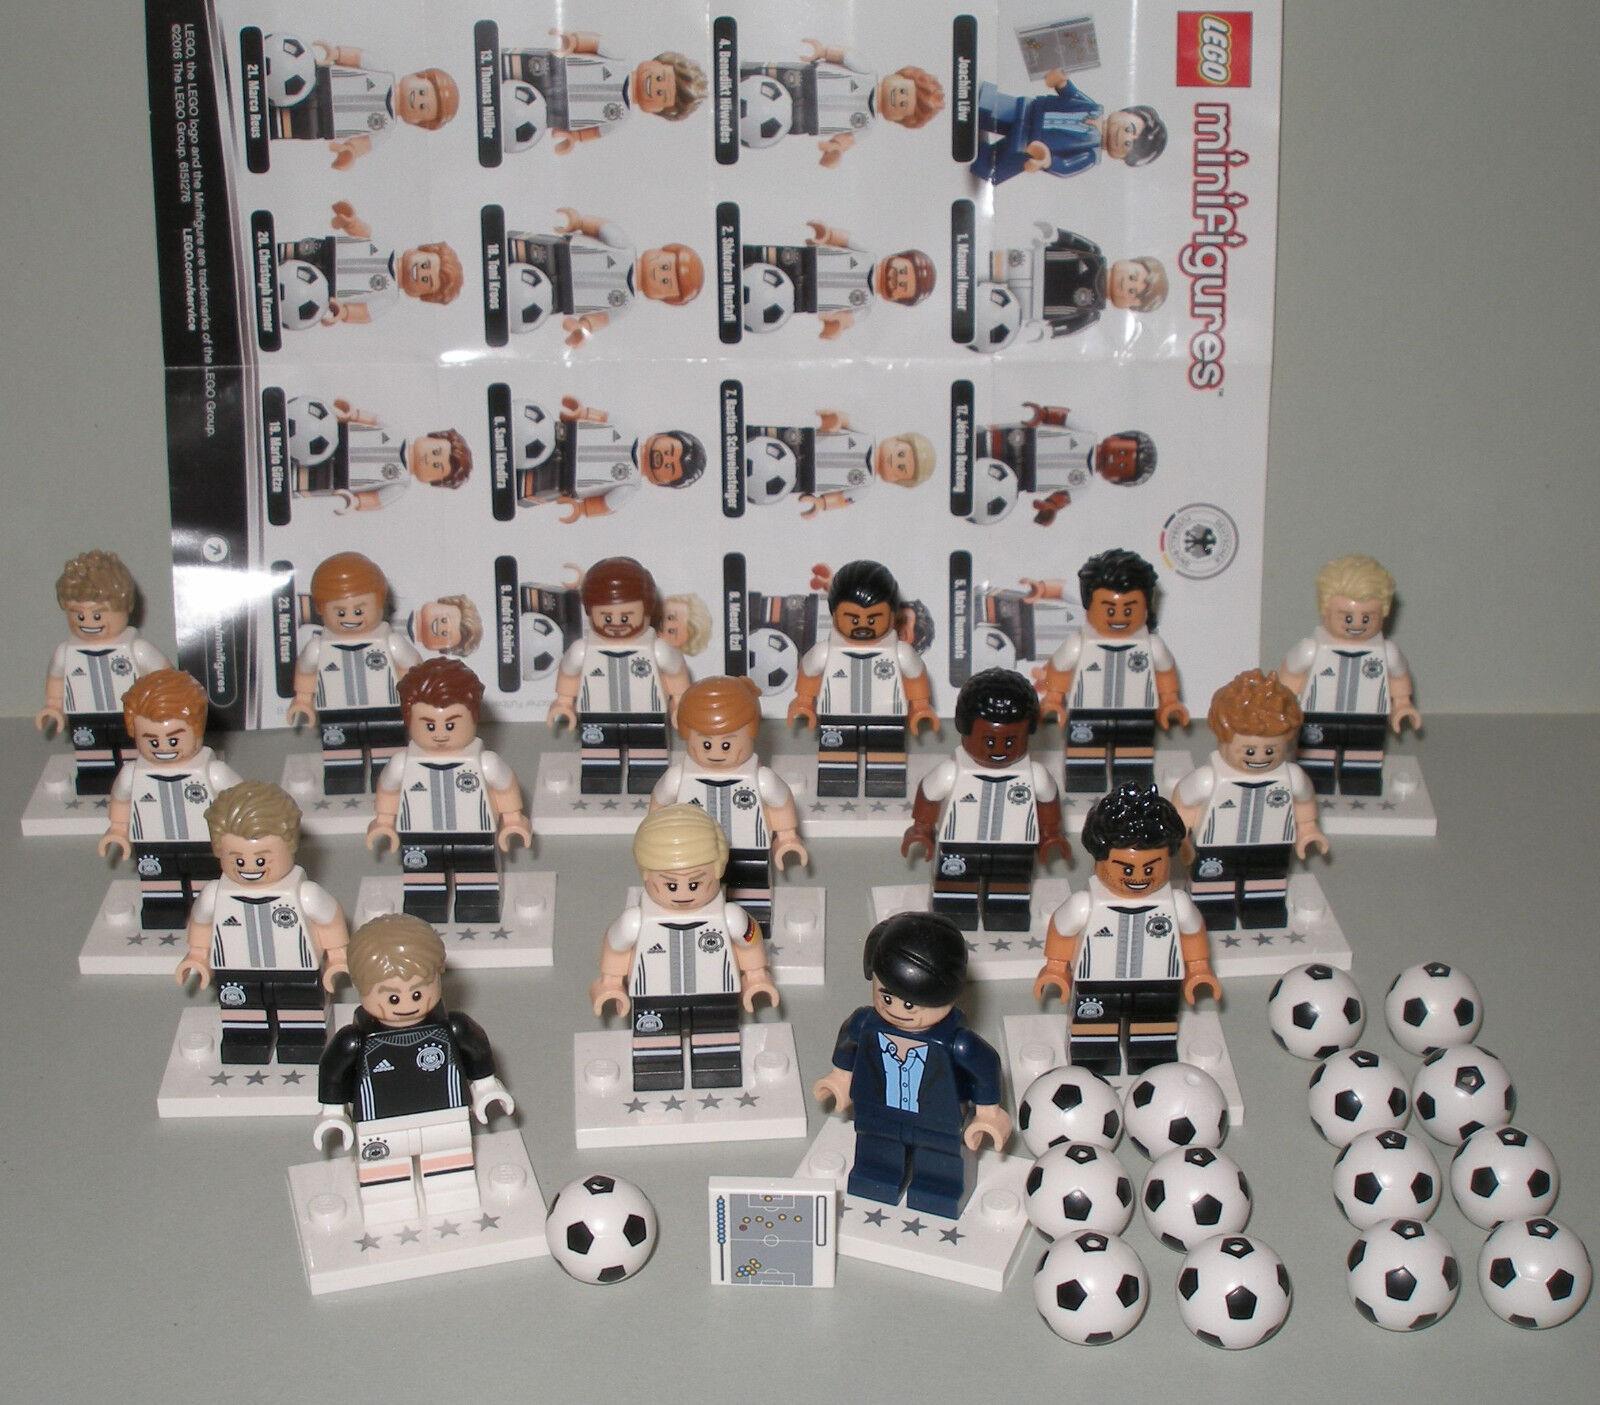 Selezione LEGO 71014 DFB statuine la squadra personaggi singoli o frase